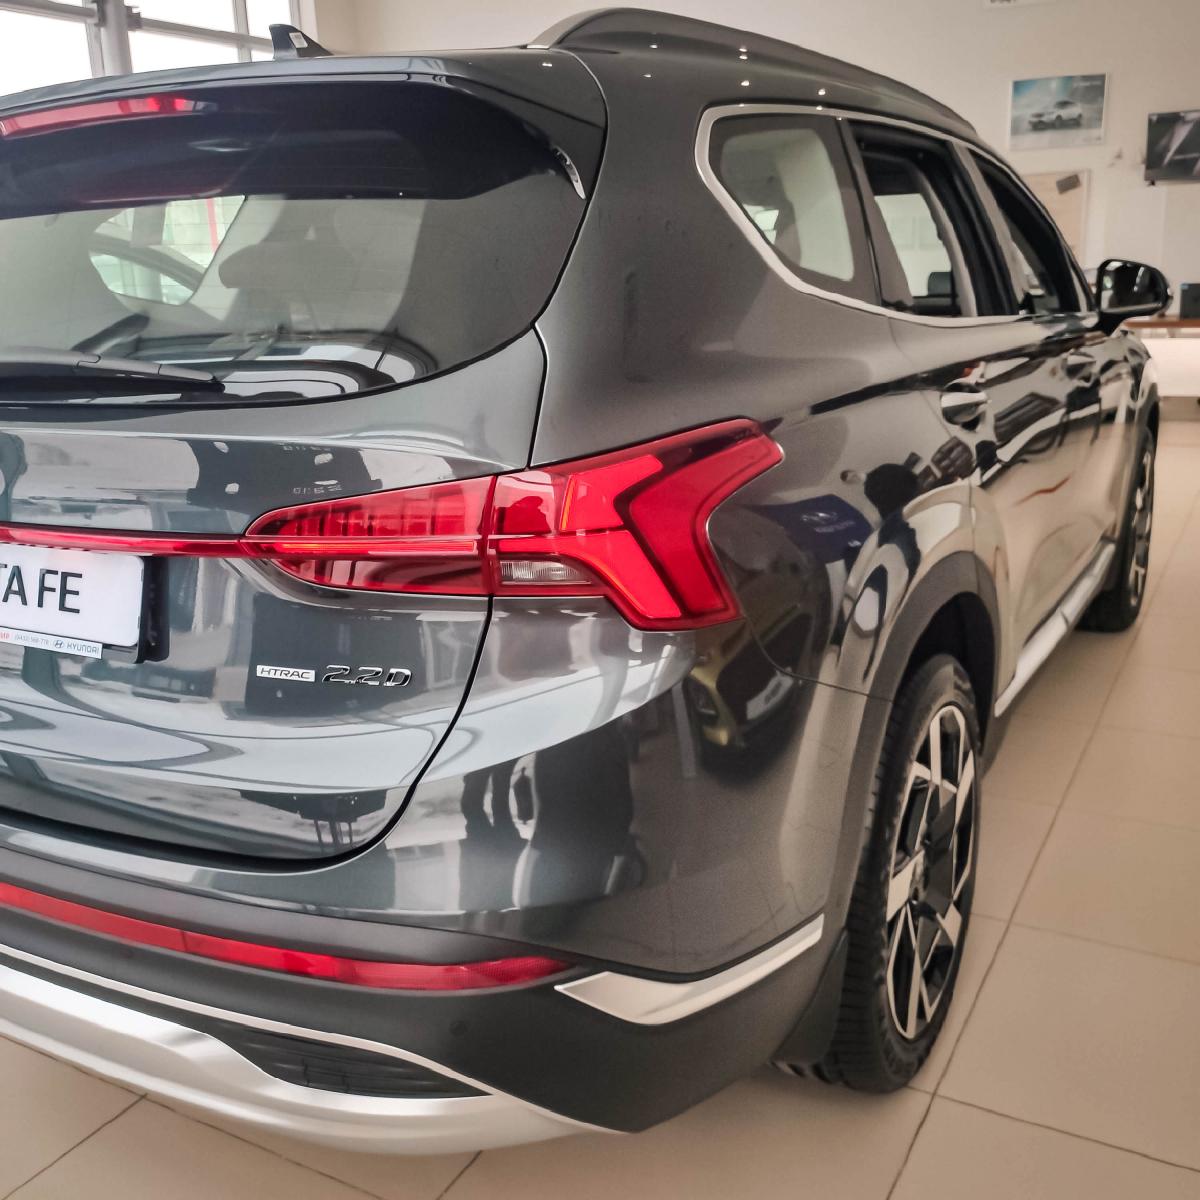 Якби комфорт і розкіш можна було б описати - це був би Hyundai Santa Fe! | Хюндай Мотор Україна - фото 8